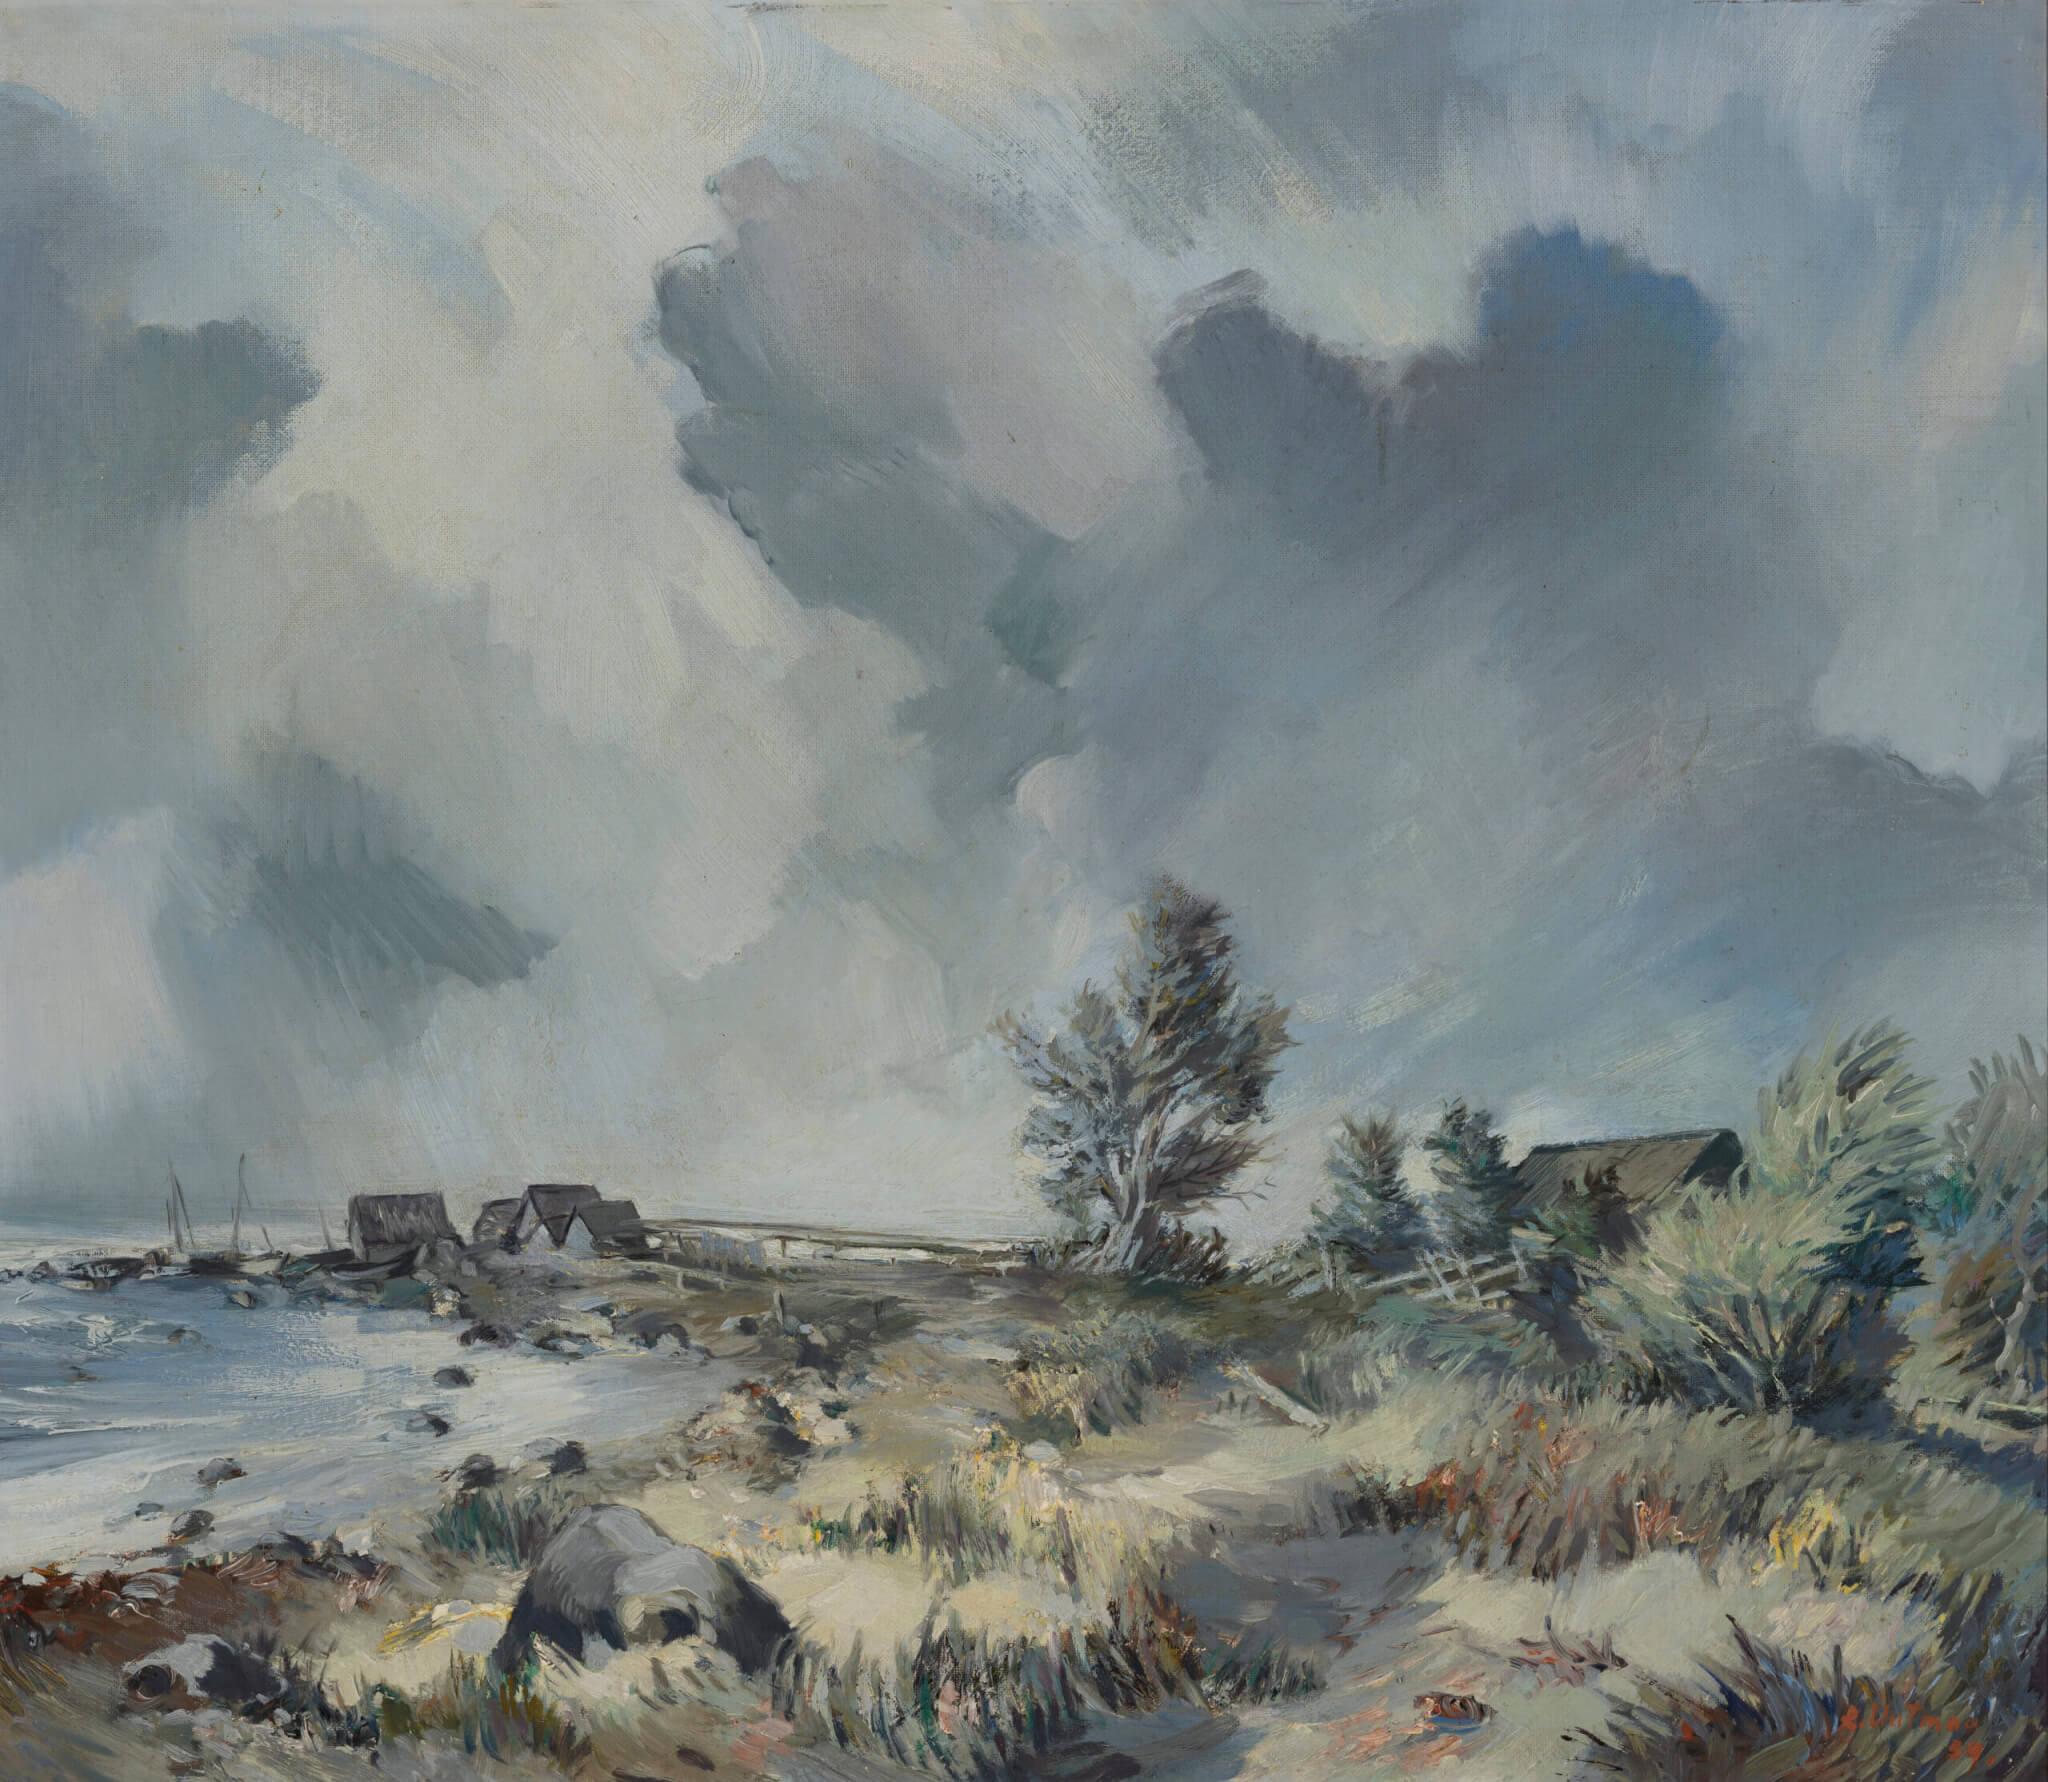 Richard-Uutmaa-kunstinäitus-Allee-galerii-rand